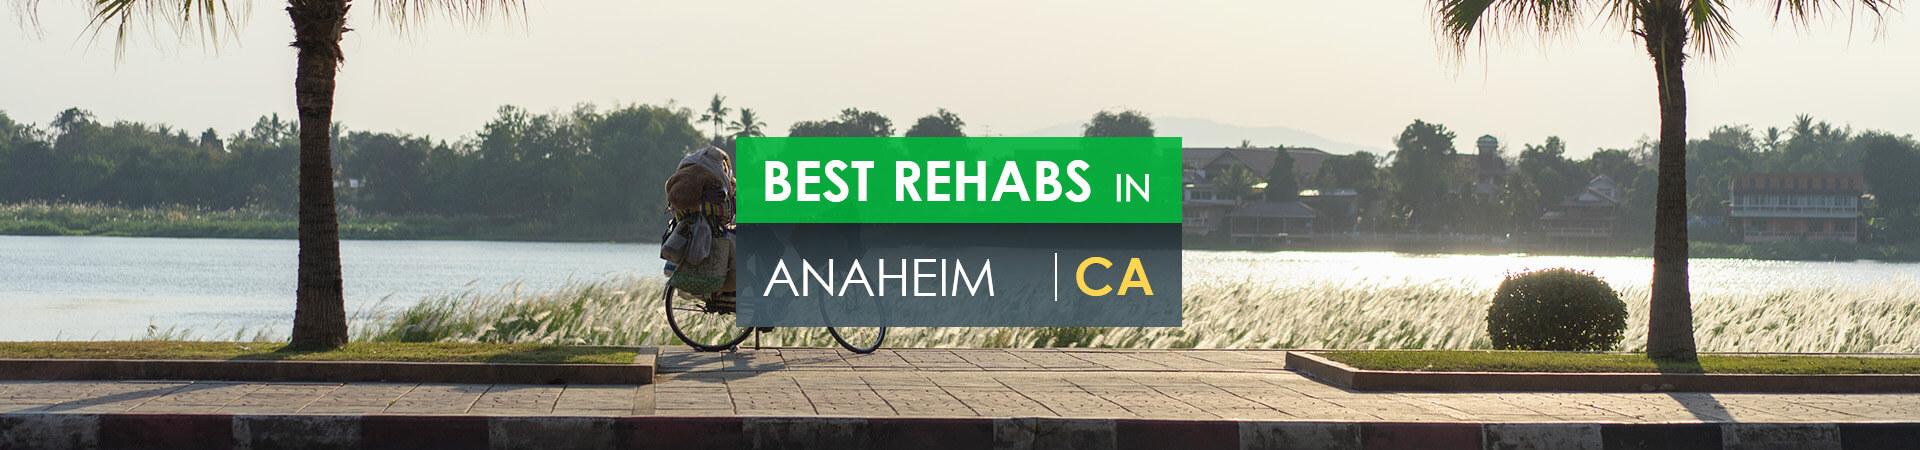 Best rehabs in Anaheim, CA